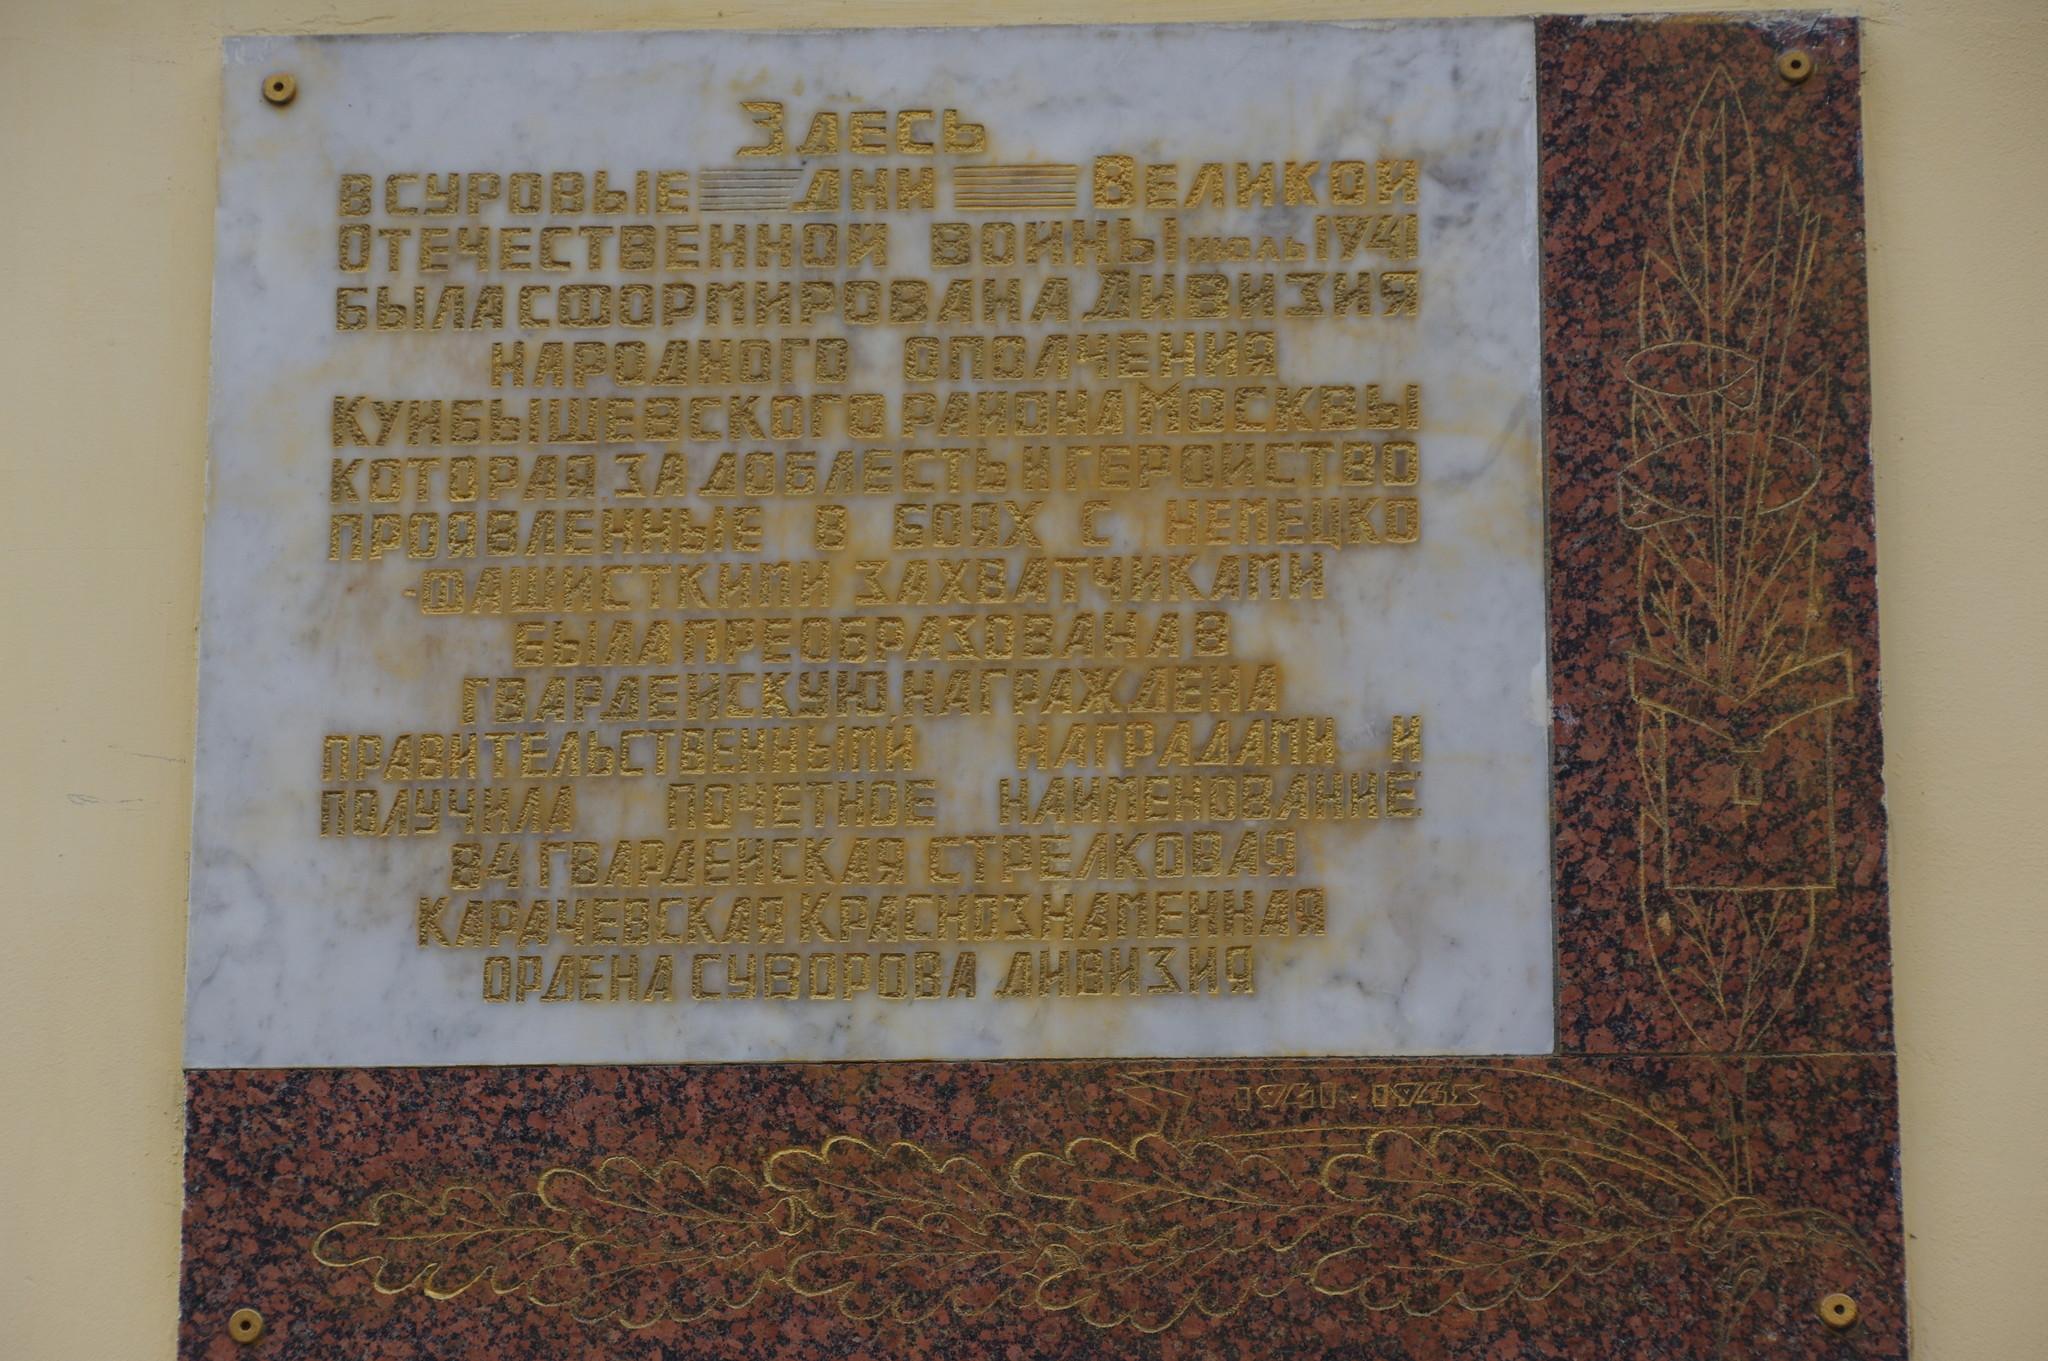 Мемориальная доска на здании (Малый Козловский переулок, дом 3), где в июле 1941 года была сформирована 4-я дивизия народного ополчения